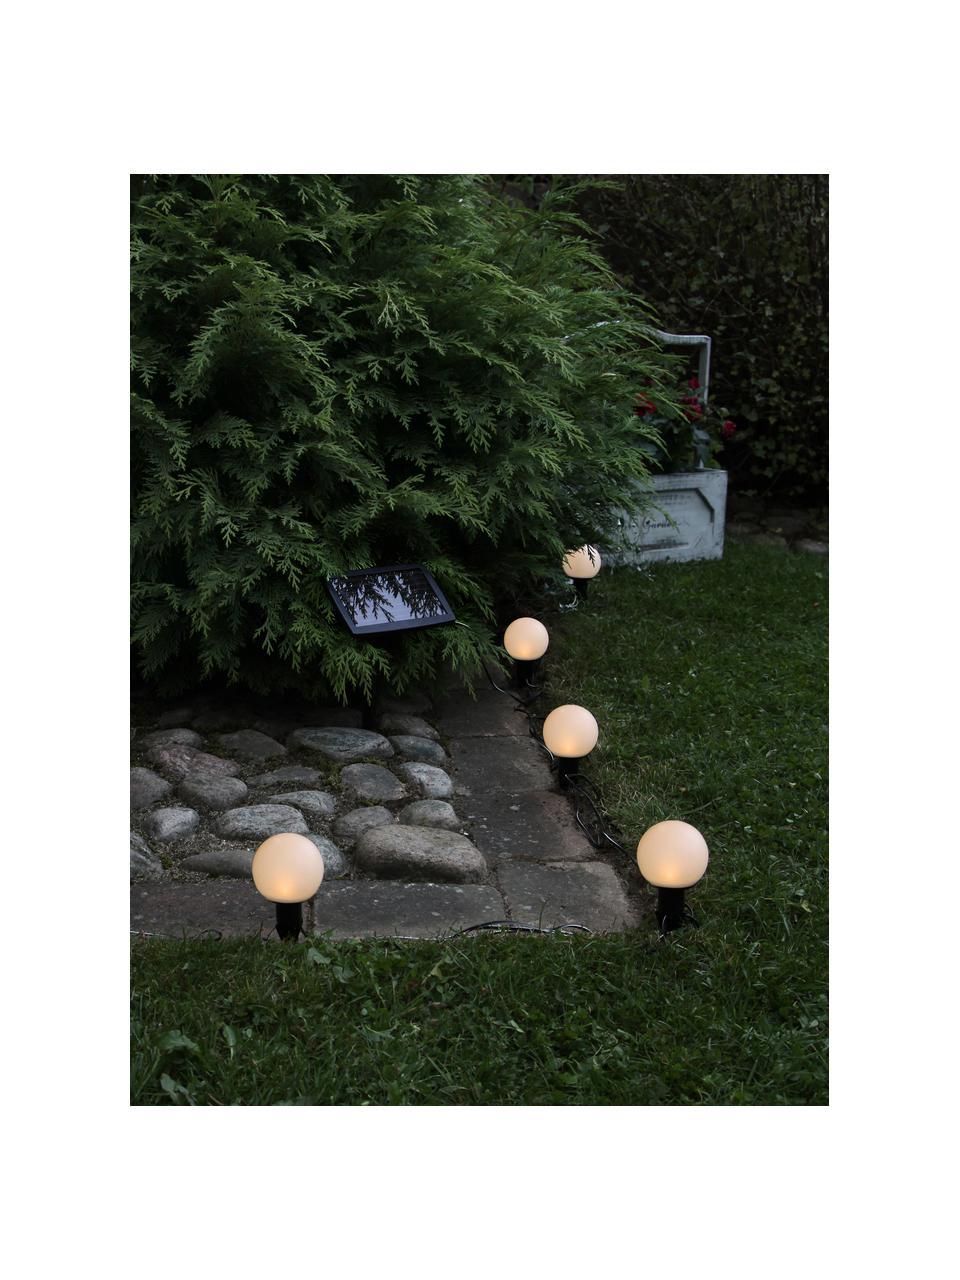 Solar Lichterkette Globus, 500 cm, 6 Lampions, Schwarz, Transparent, L 500 cm